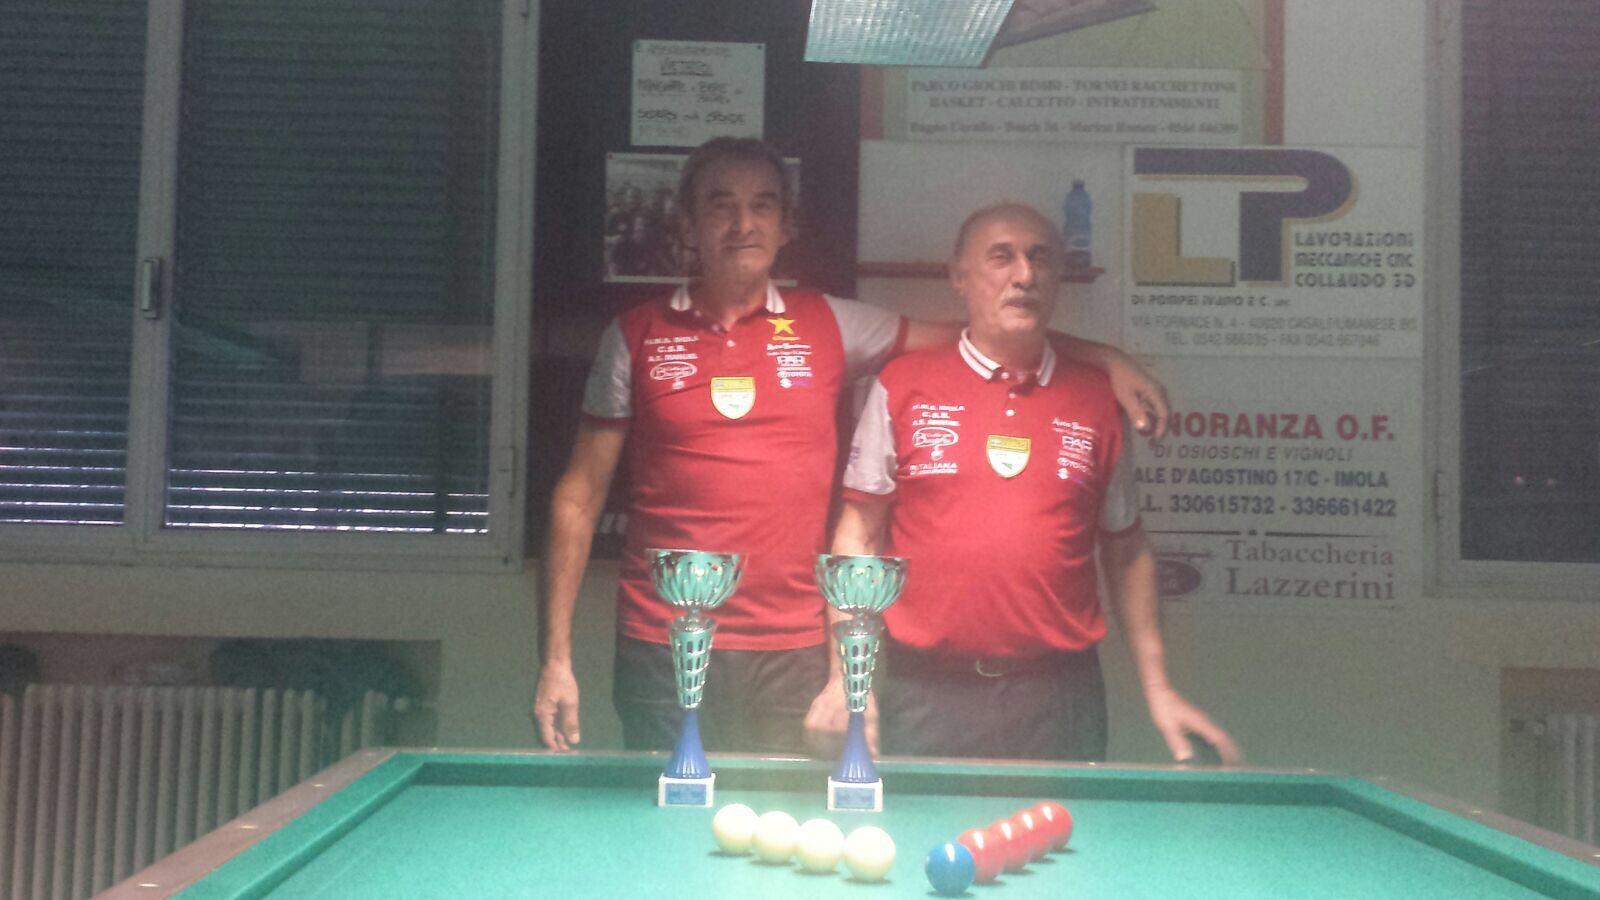 1^ Class. Bartolini Bruno e Loreti Lino CSB Caffè della Bocciofila Imola